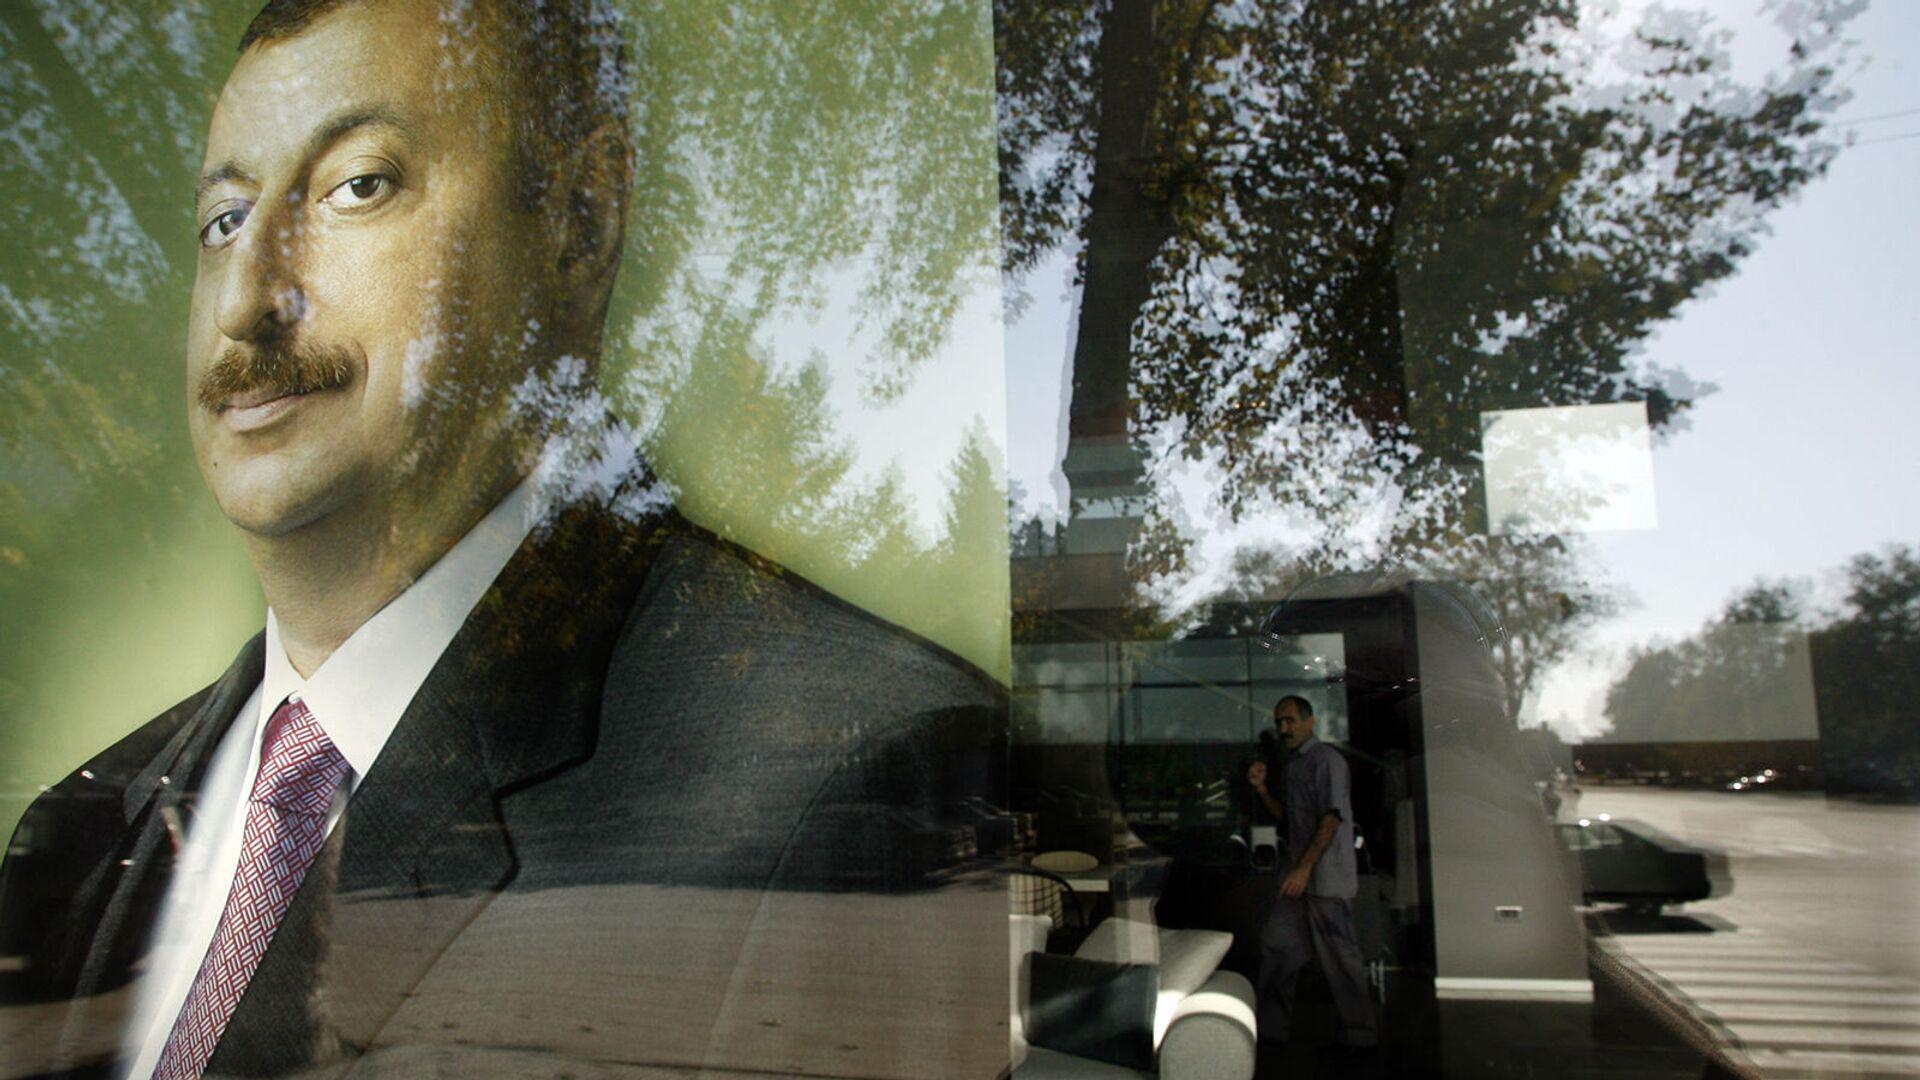 Предвыборный плакат президента Азербайджана Ильхама Алиева в отражении витрины (13 2008). - Sputnik Армения, 1920, 24.09.2021